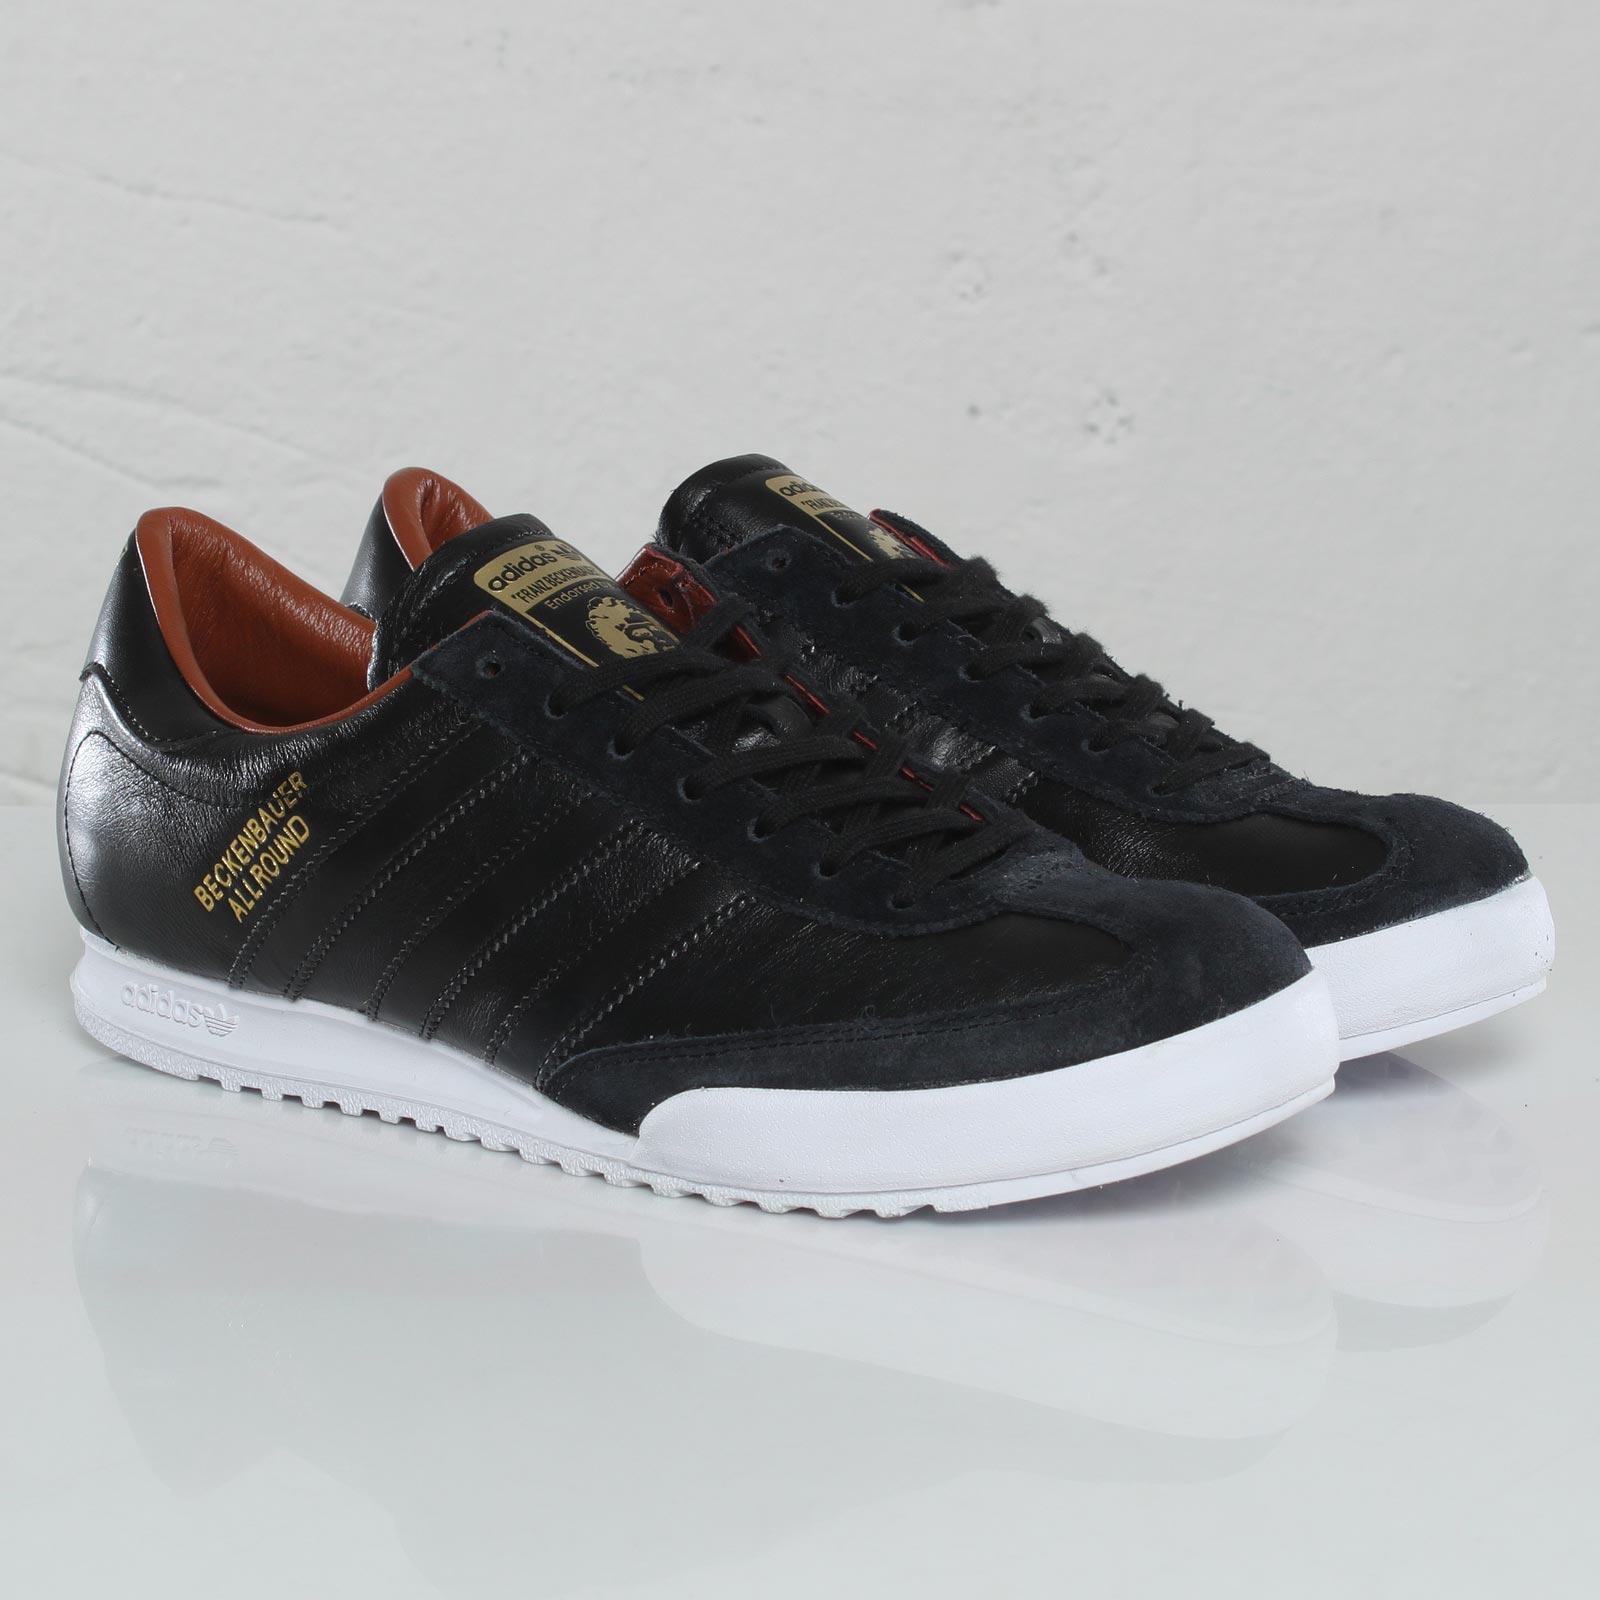 adidas beckenbauer allround black and gold